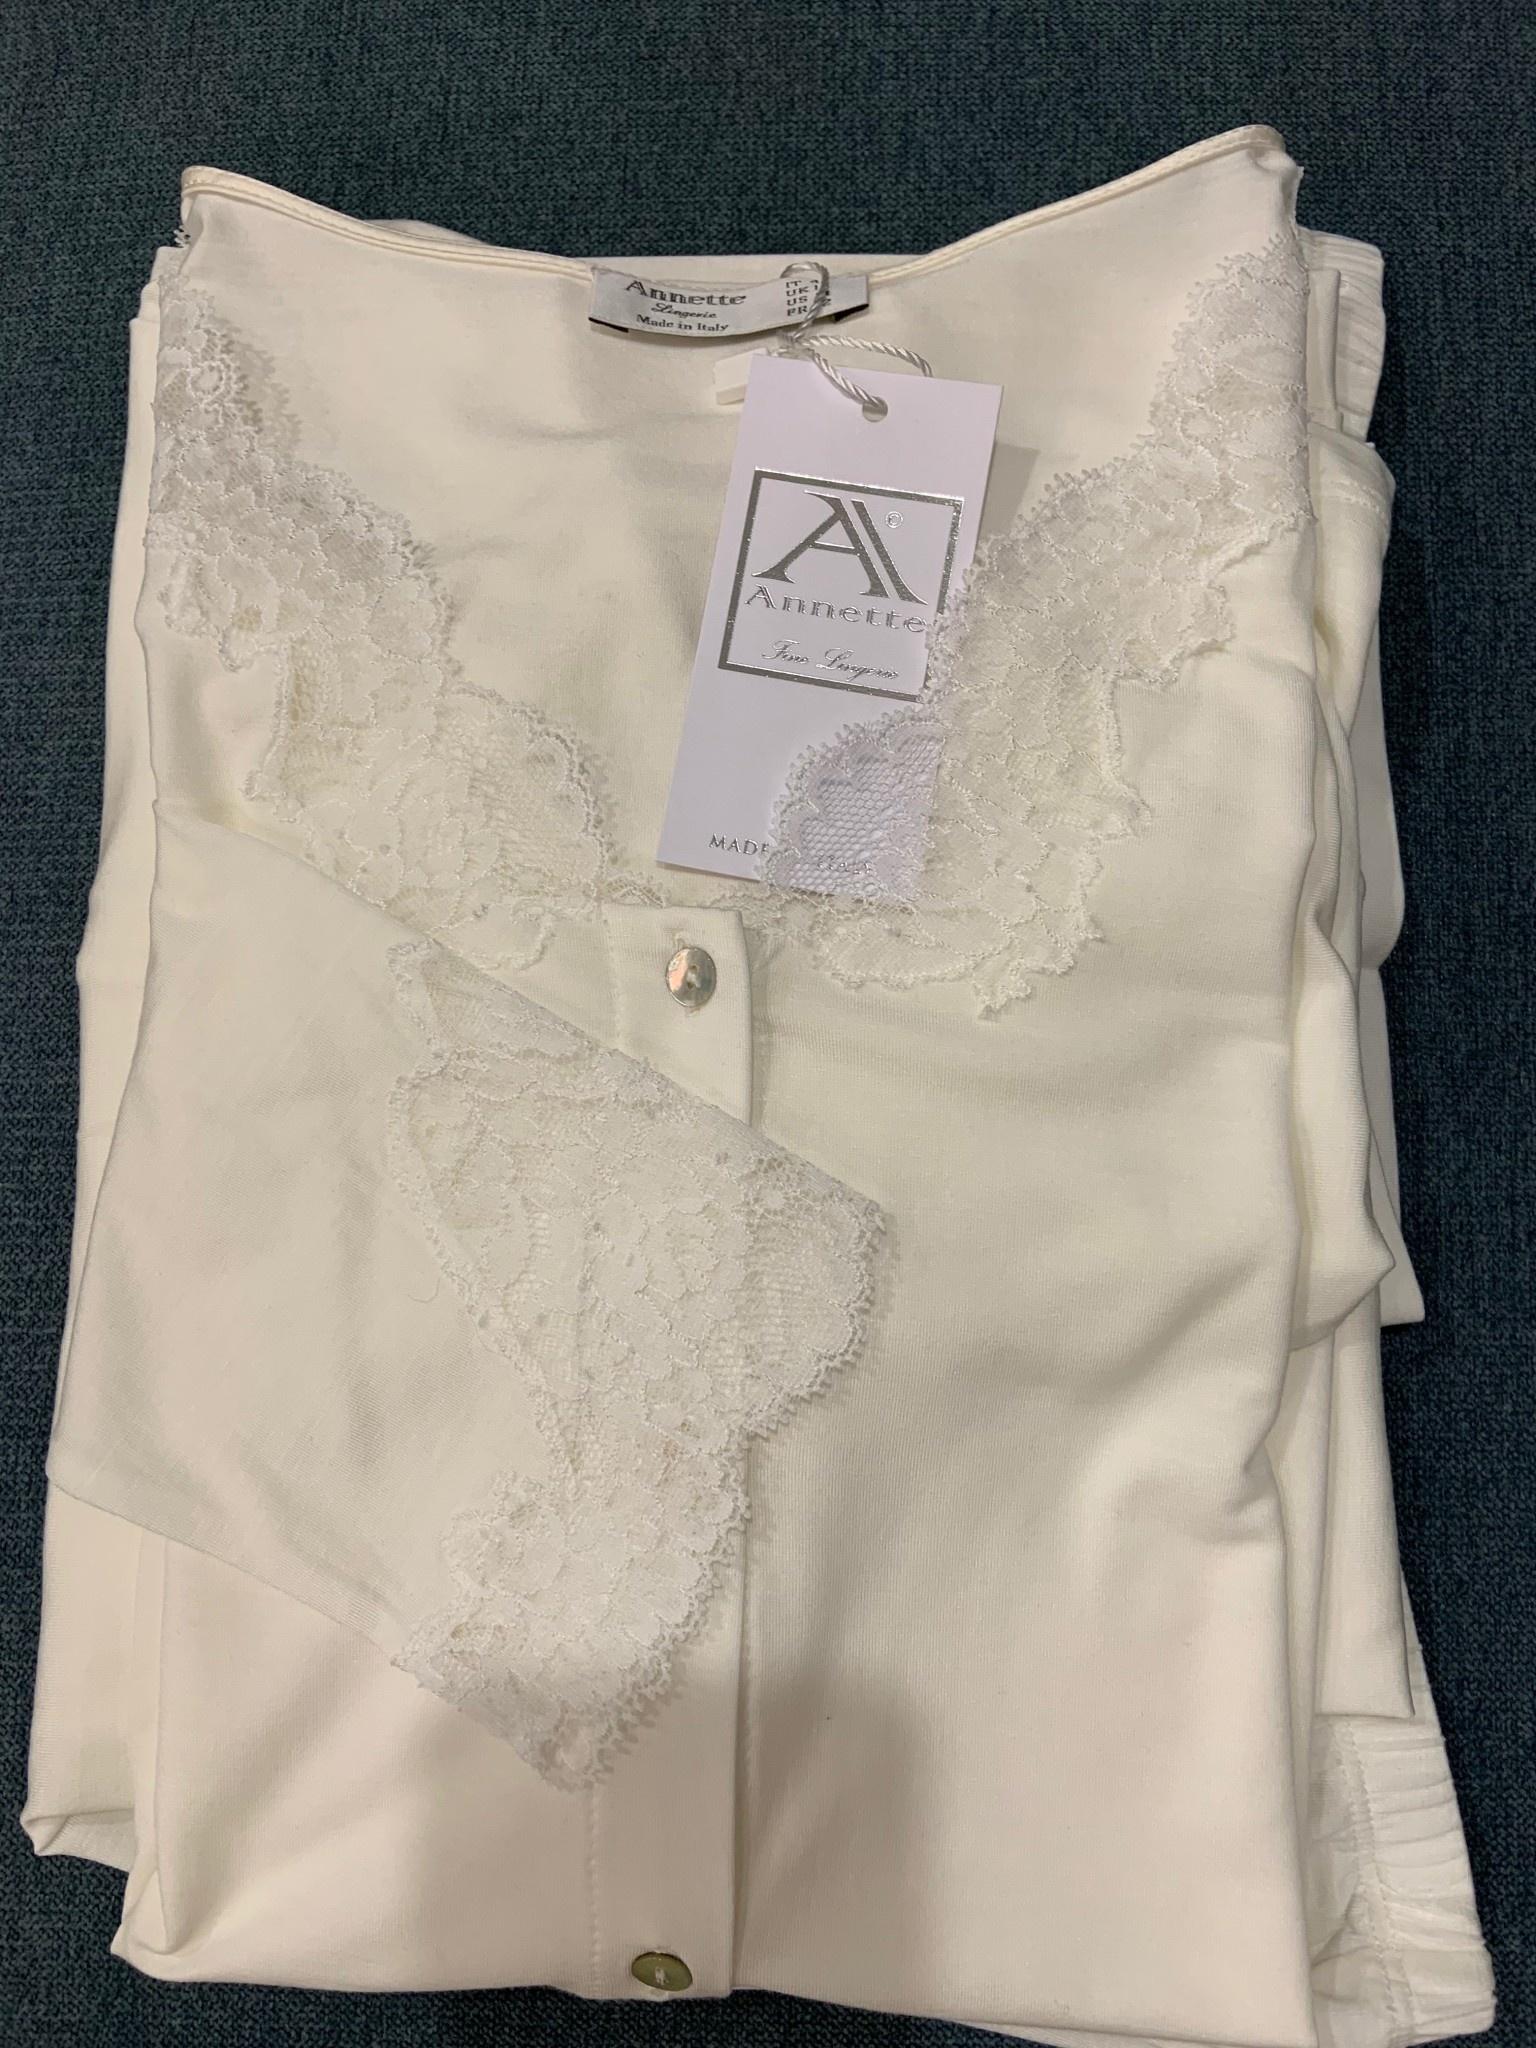 Annette Annette Maglia Long Sleeve Button Down Lace PJ Panna 1817